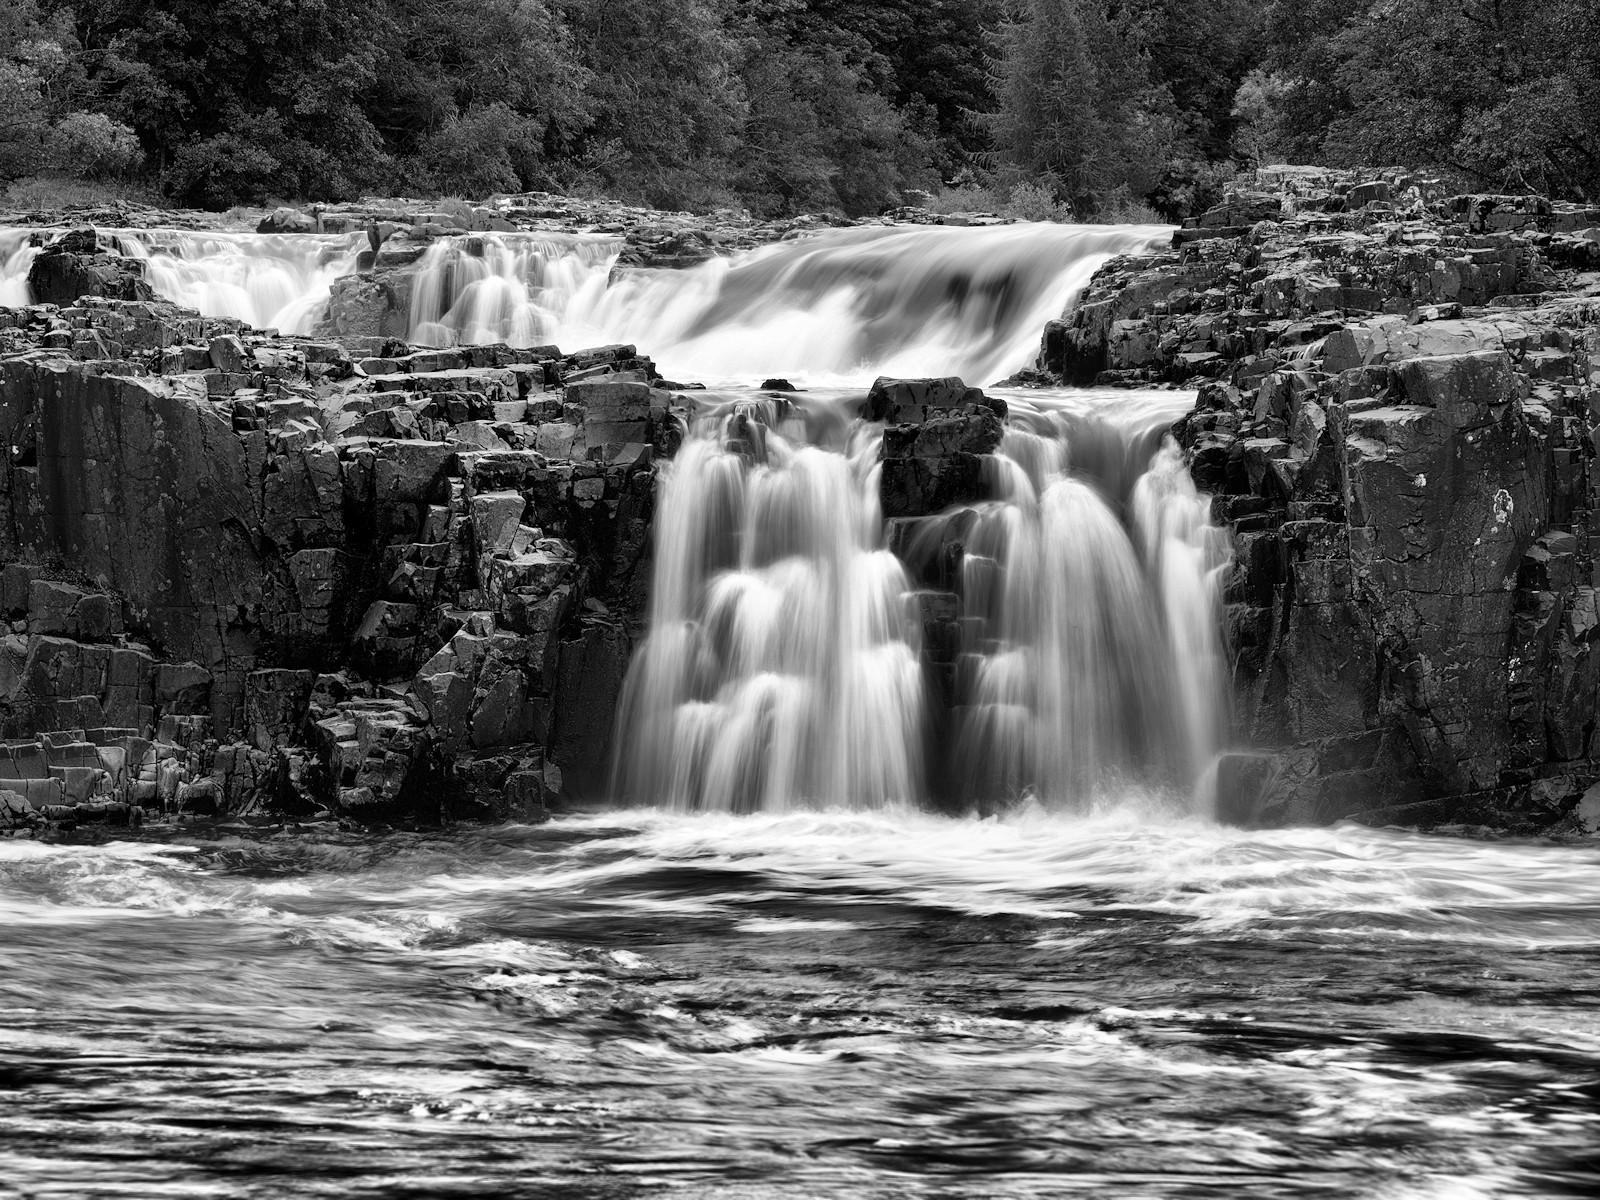 'Low Force' by Joe Beattie (10 marks)  -  Carrickfergus Camera Club